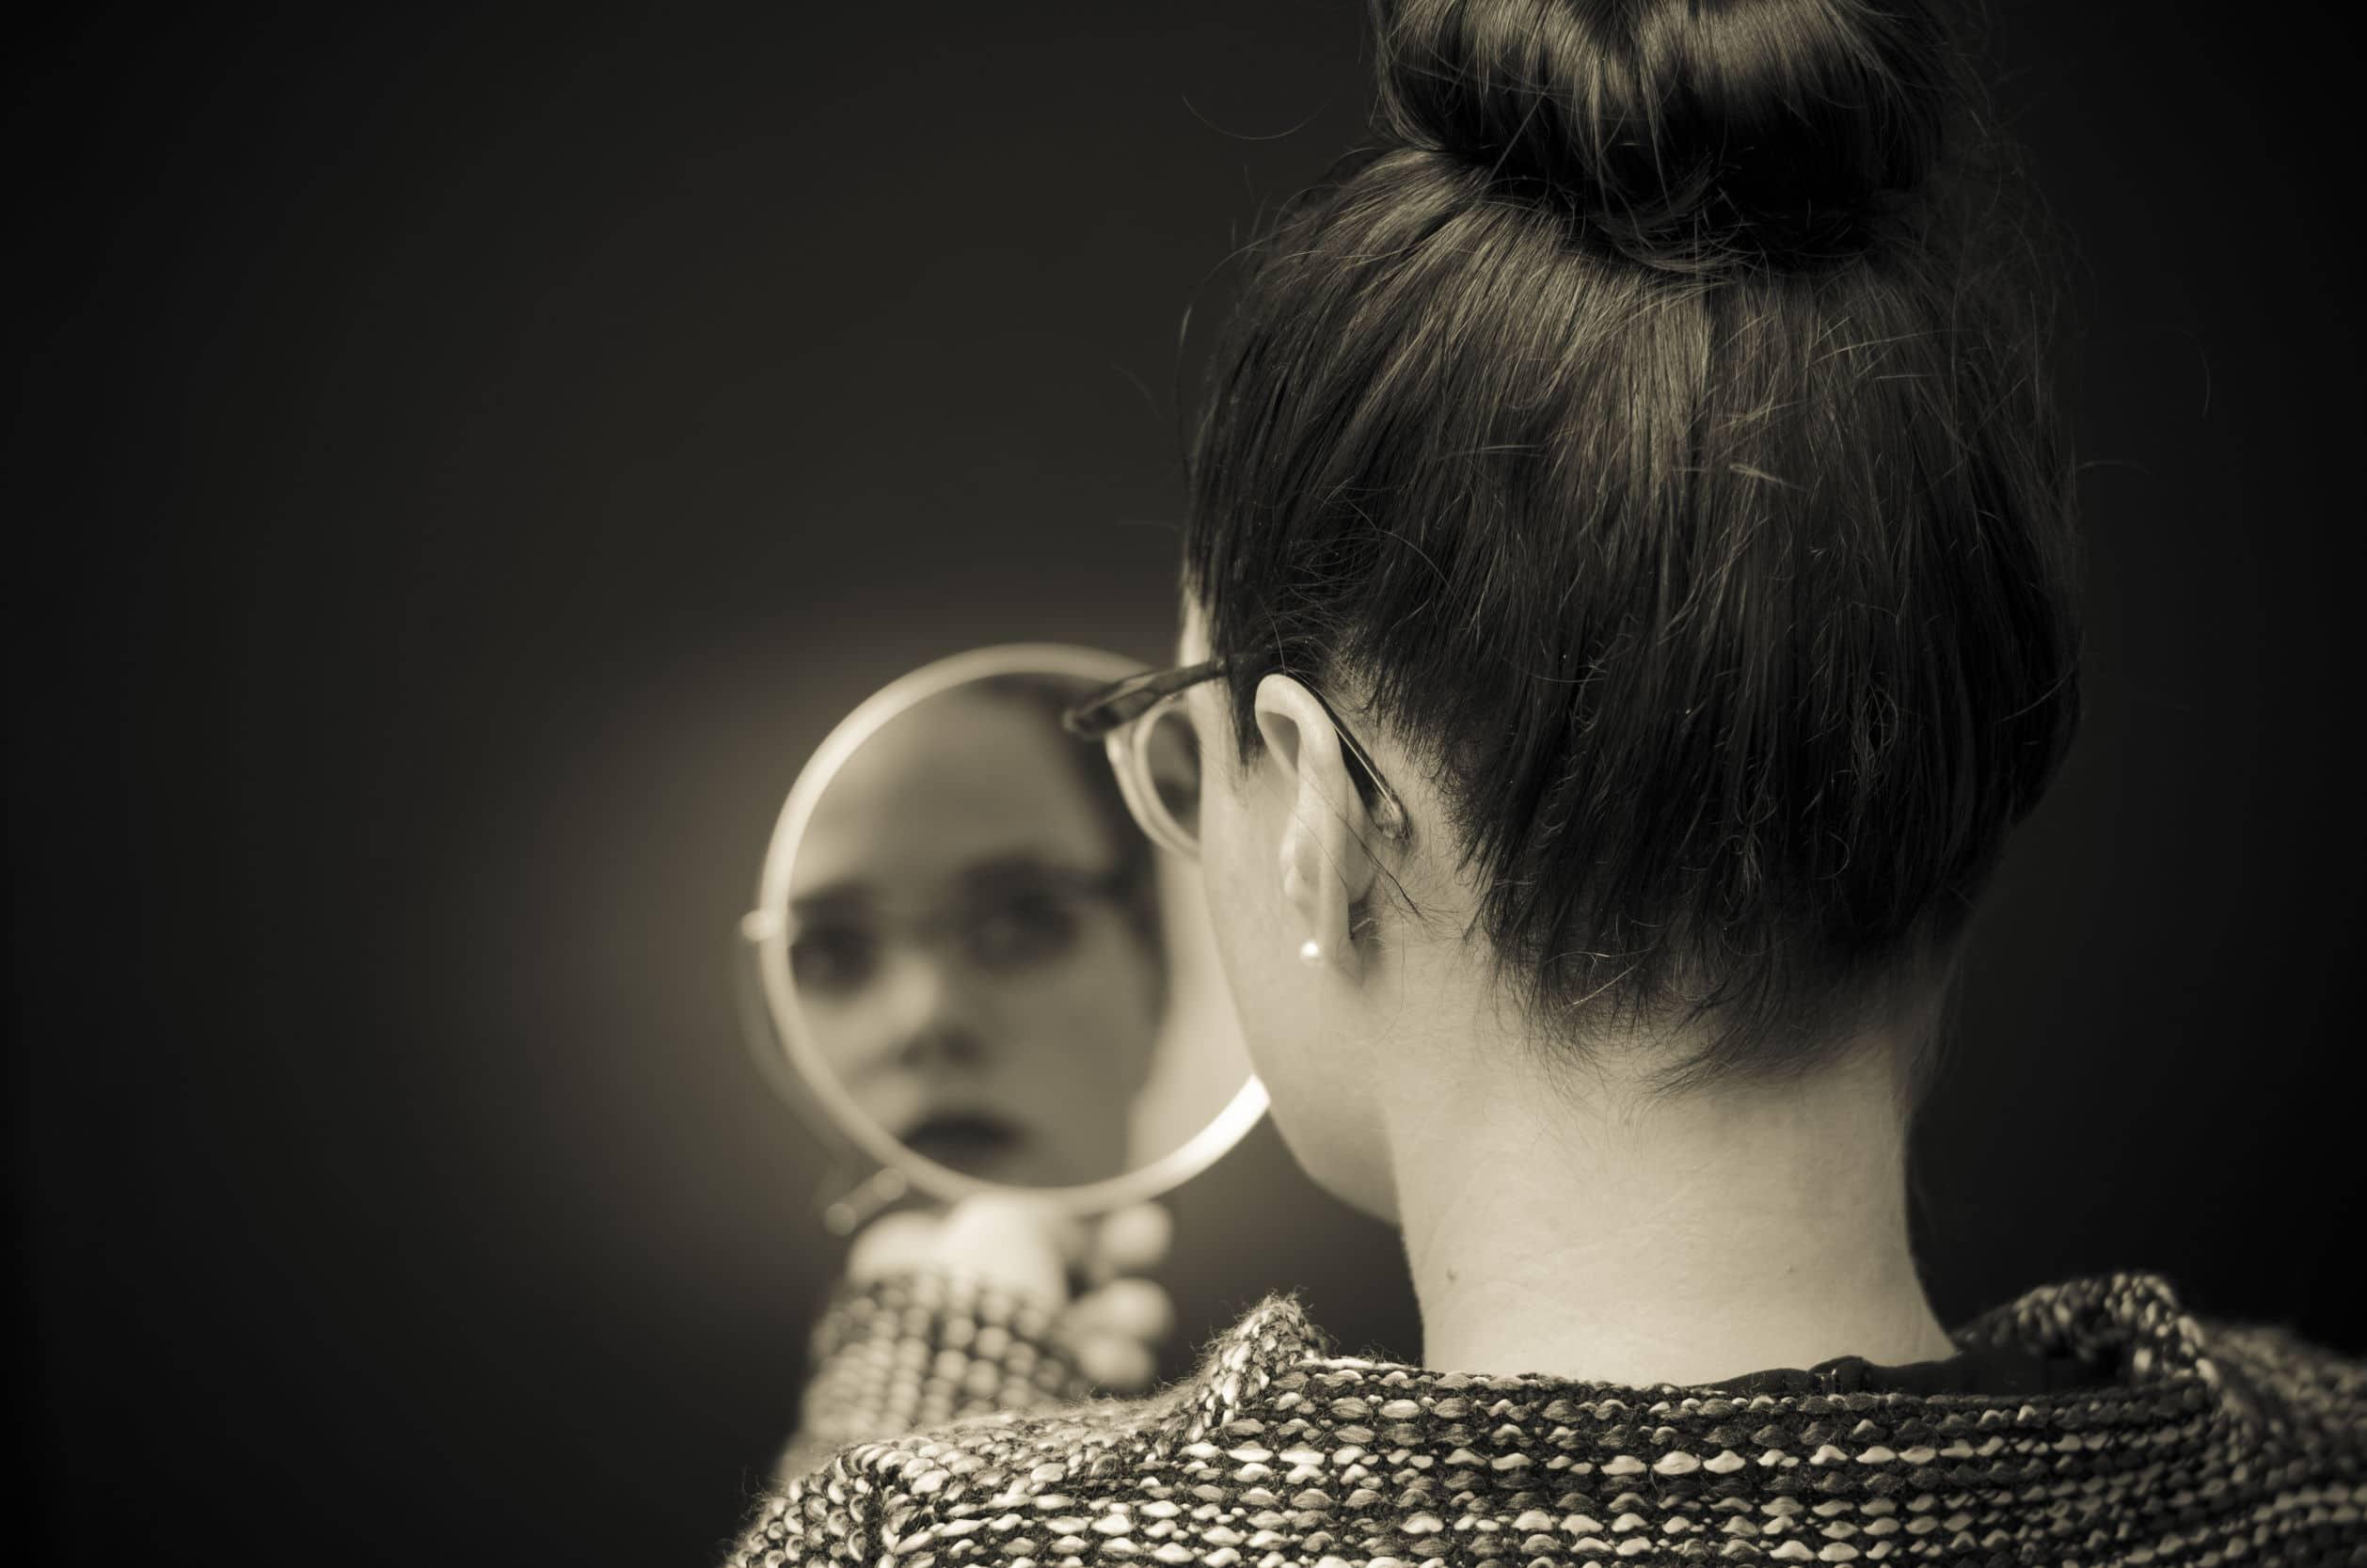 mulher olhando para auto reflexo no espelho